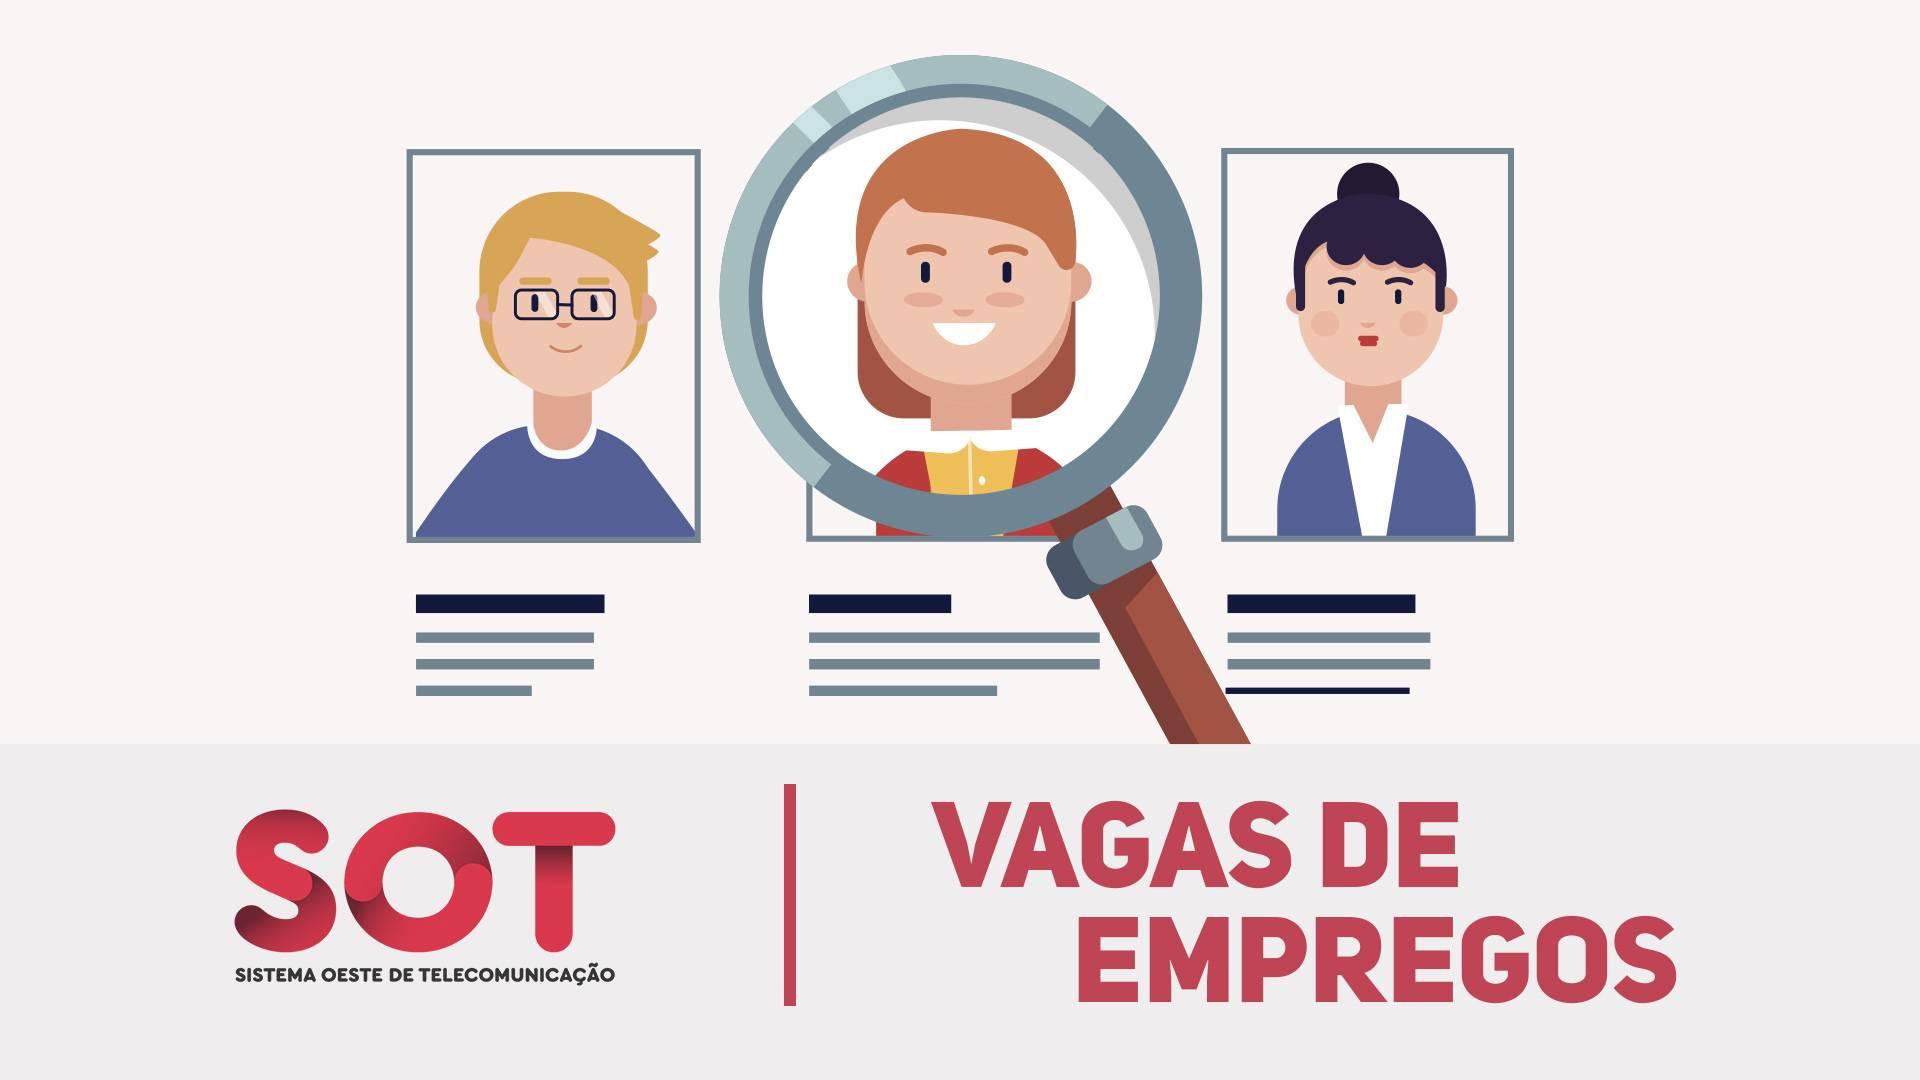 Vagas de Empregos: Veja as principais oportunidades disponíveis nesta quarta-feira (13/10)